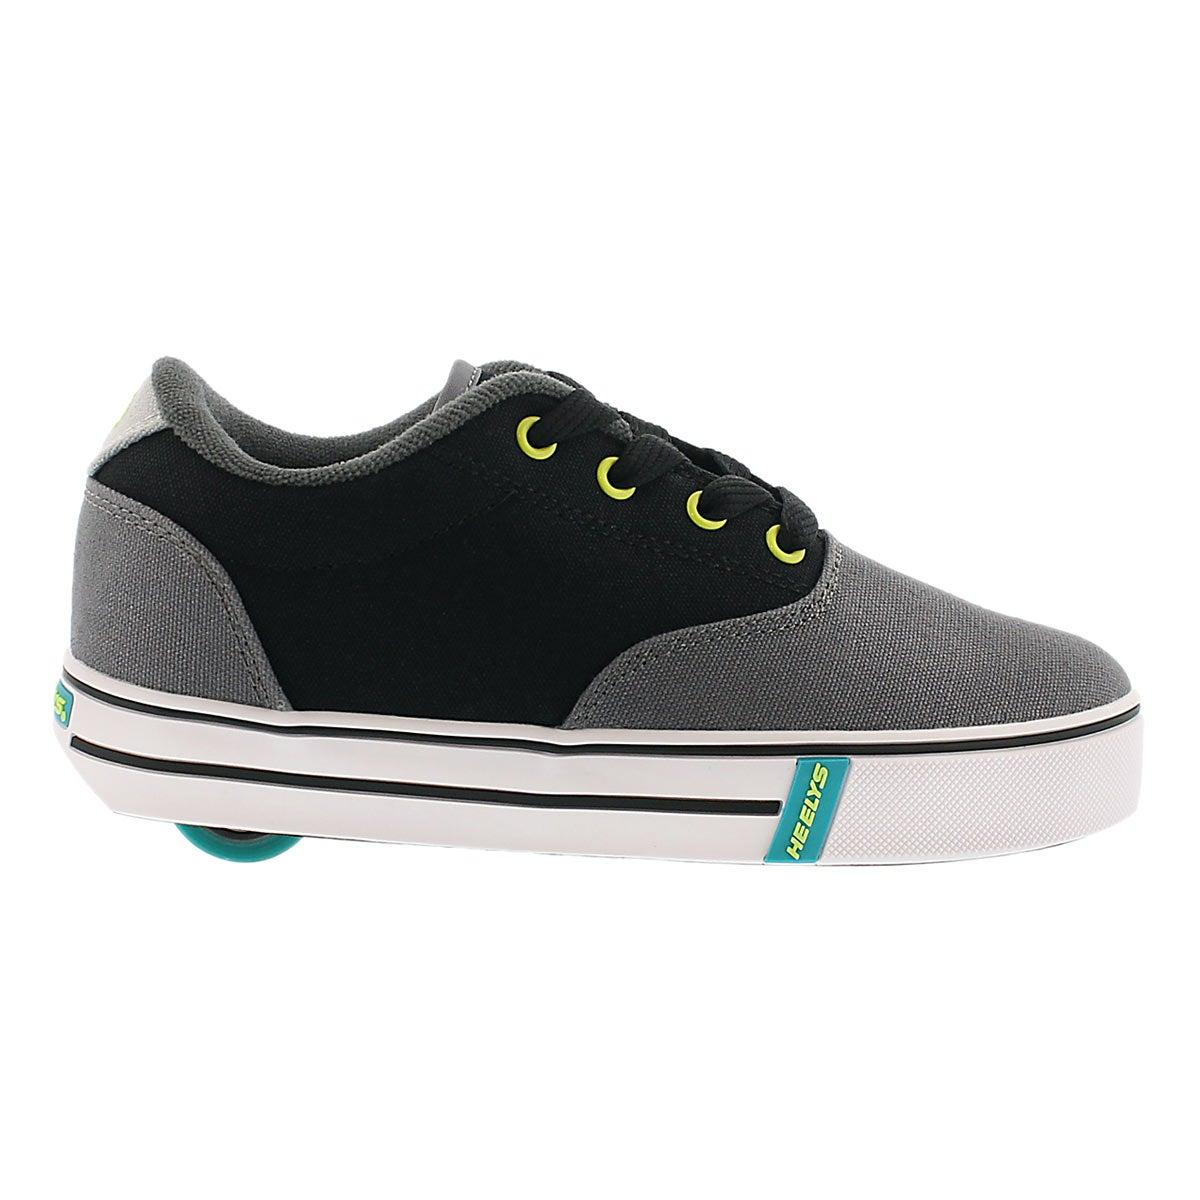 Bys Launch blk/char sneaker